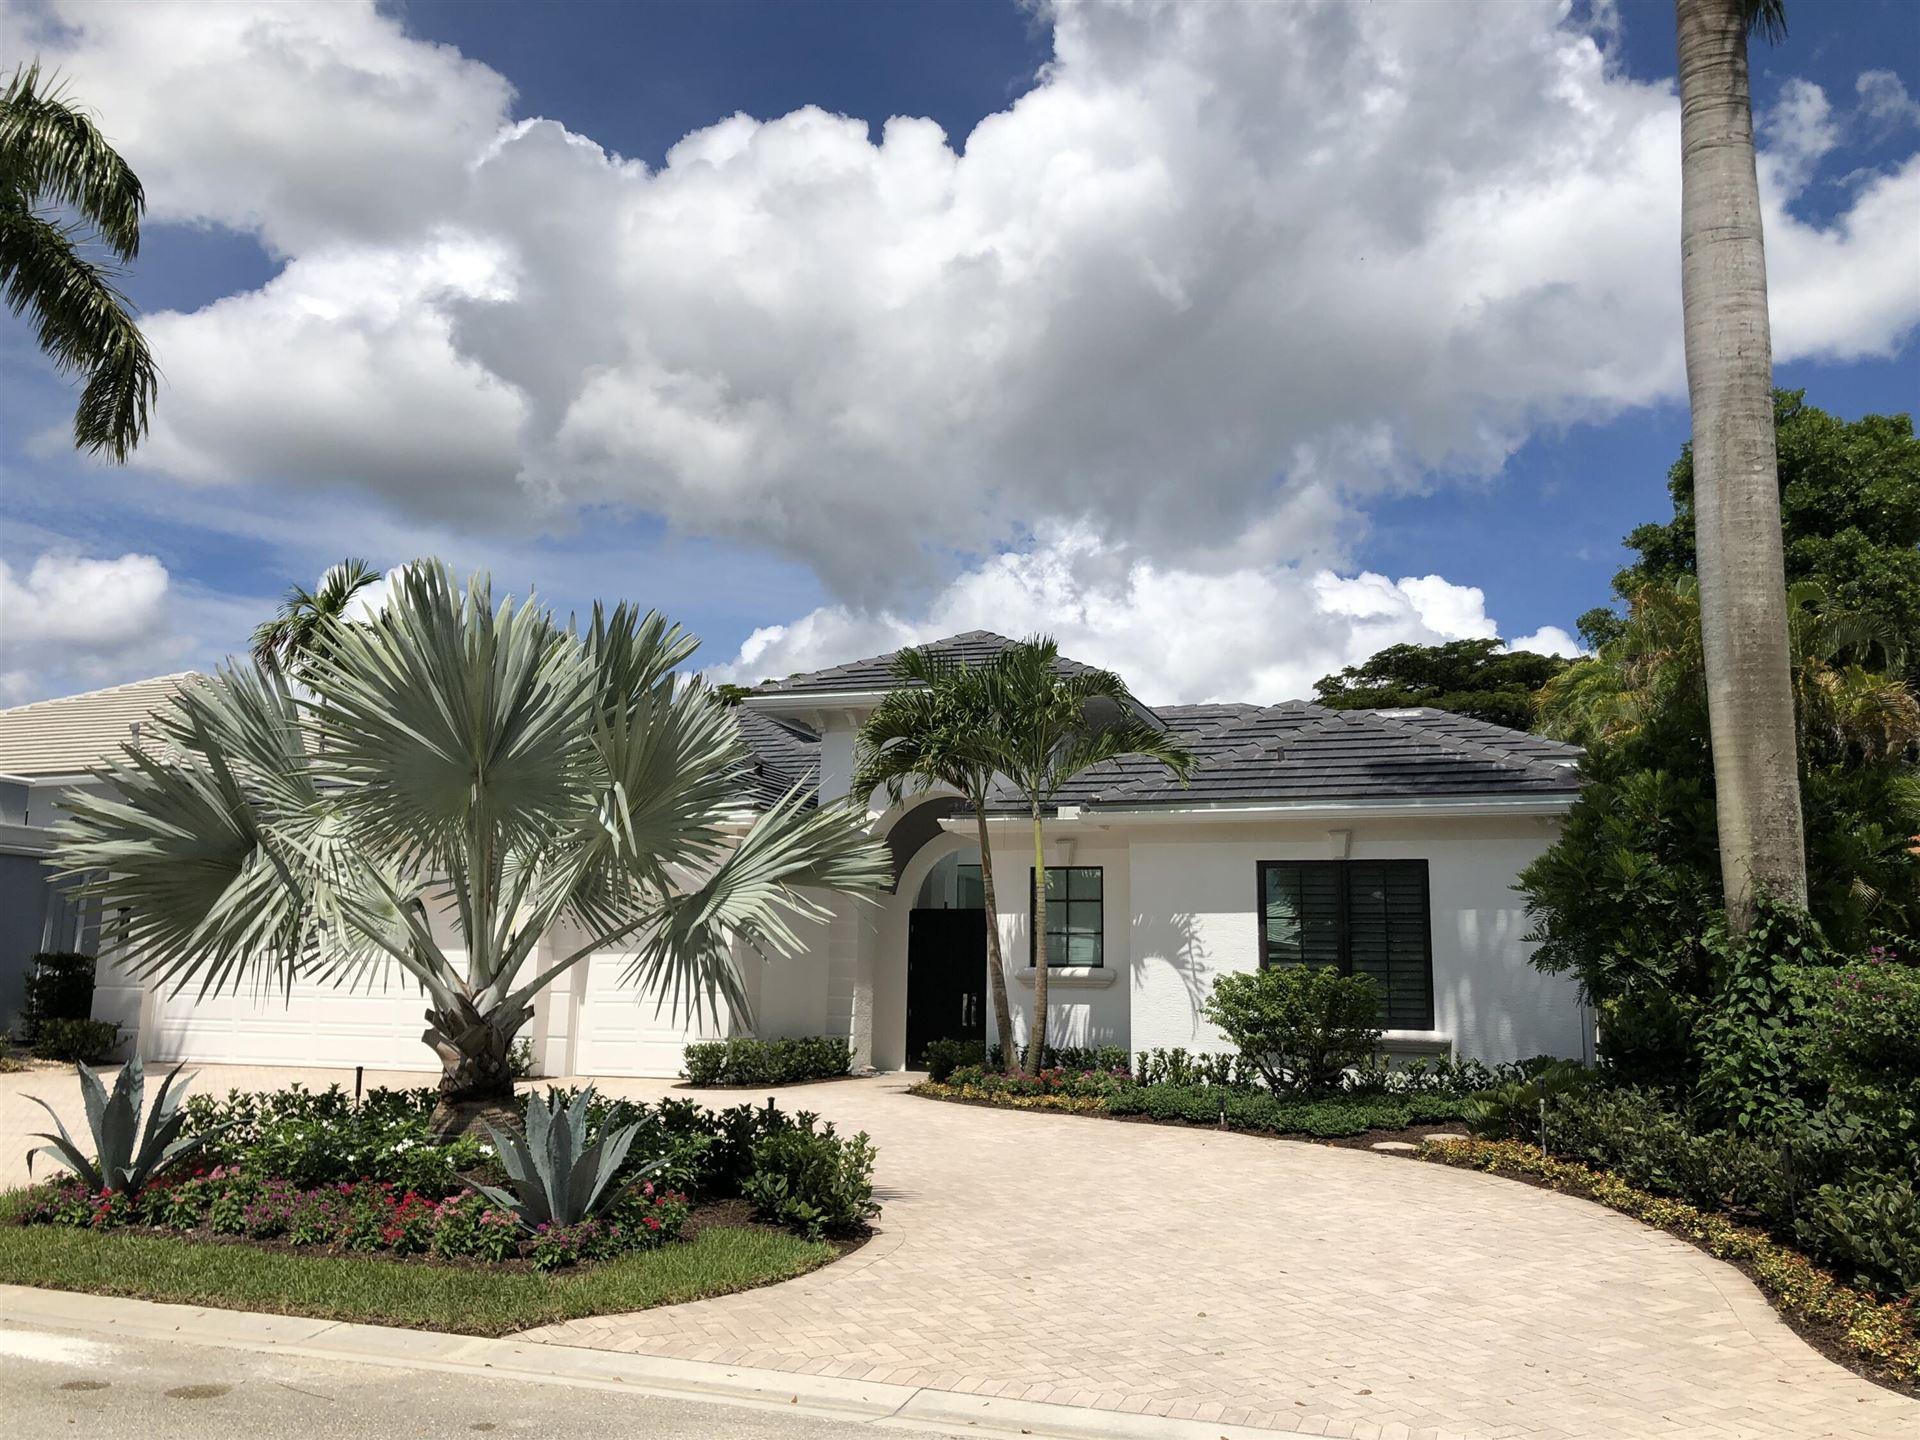 Photo of 109 Pembroke Drive, Palm Beach Gardens, FL 33418 (MLS # RX-10746540)